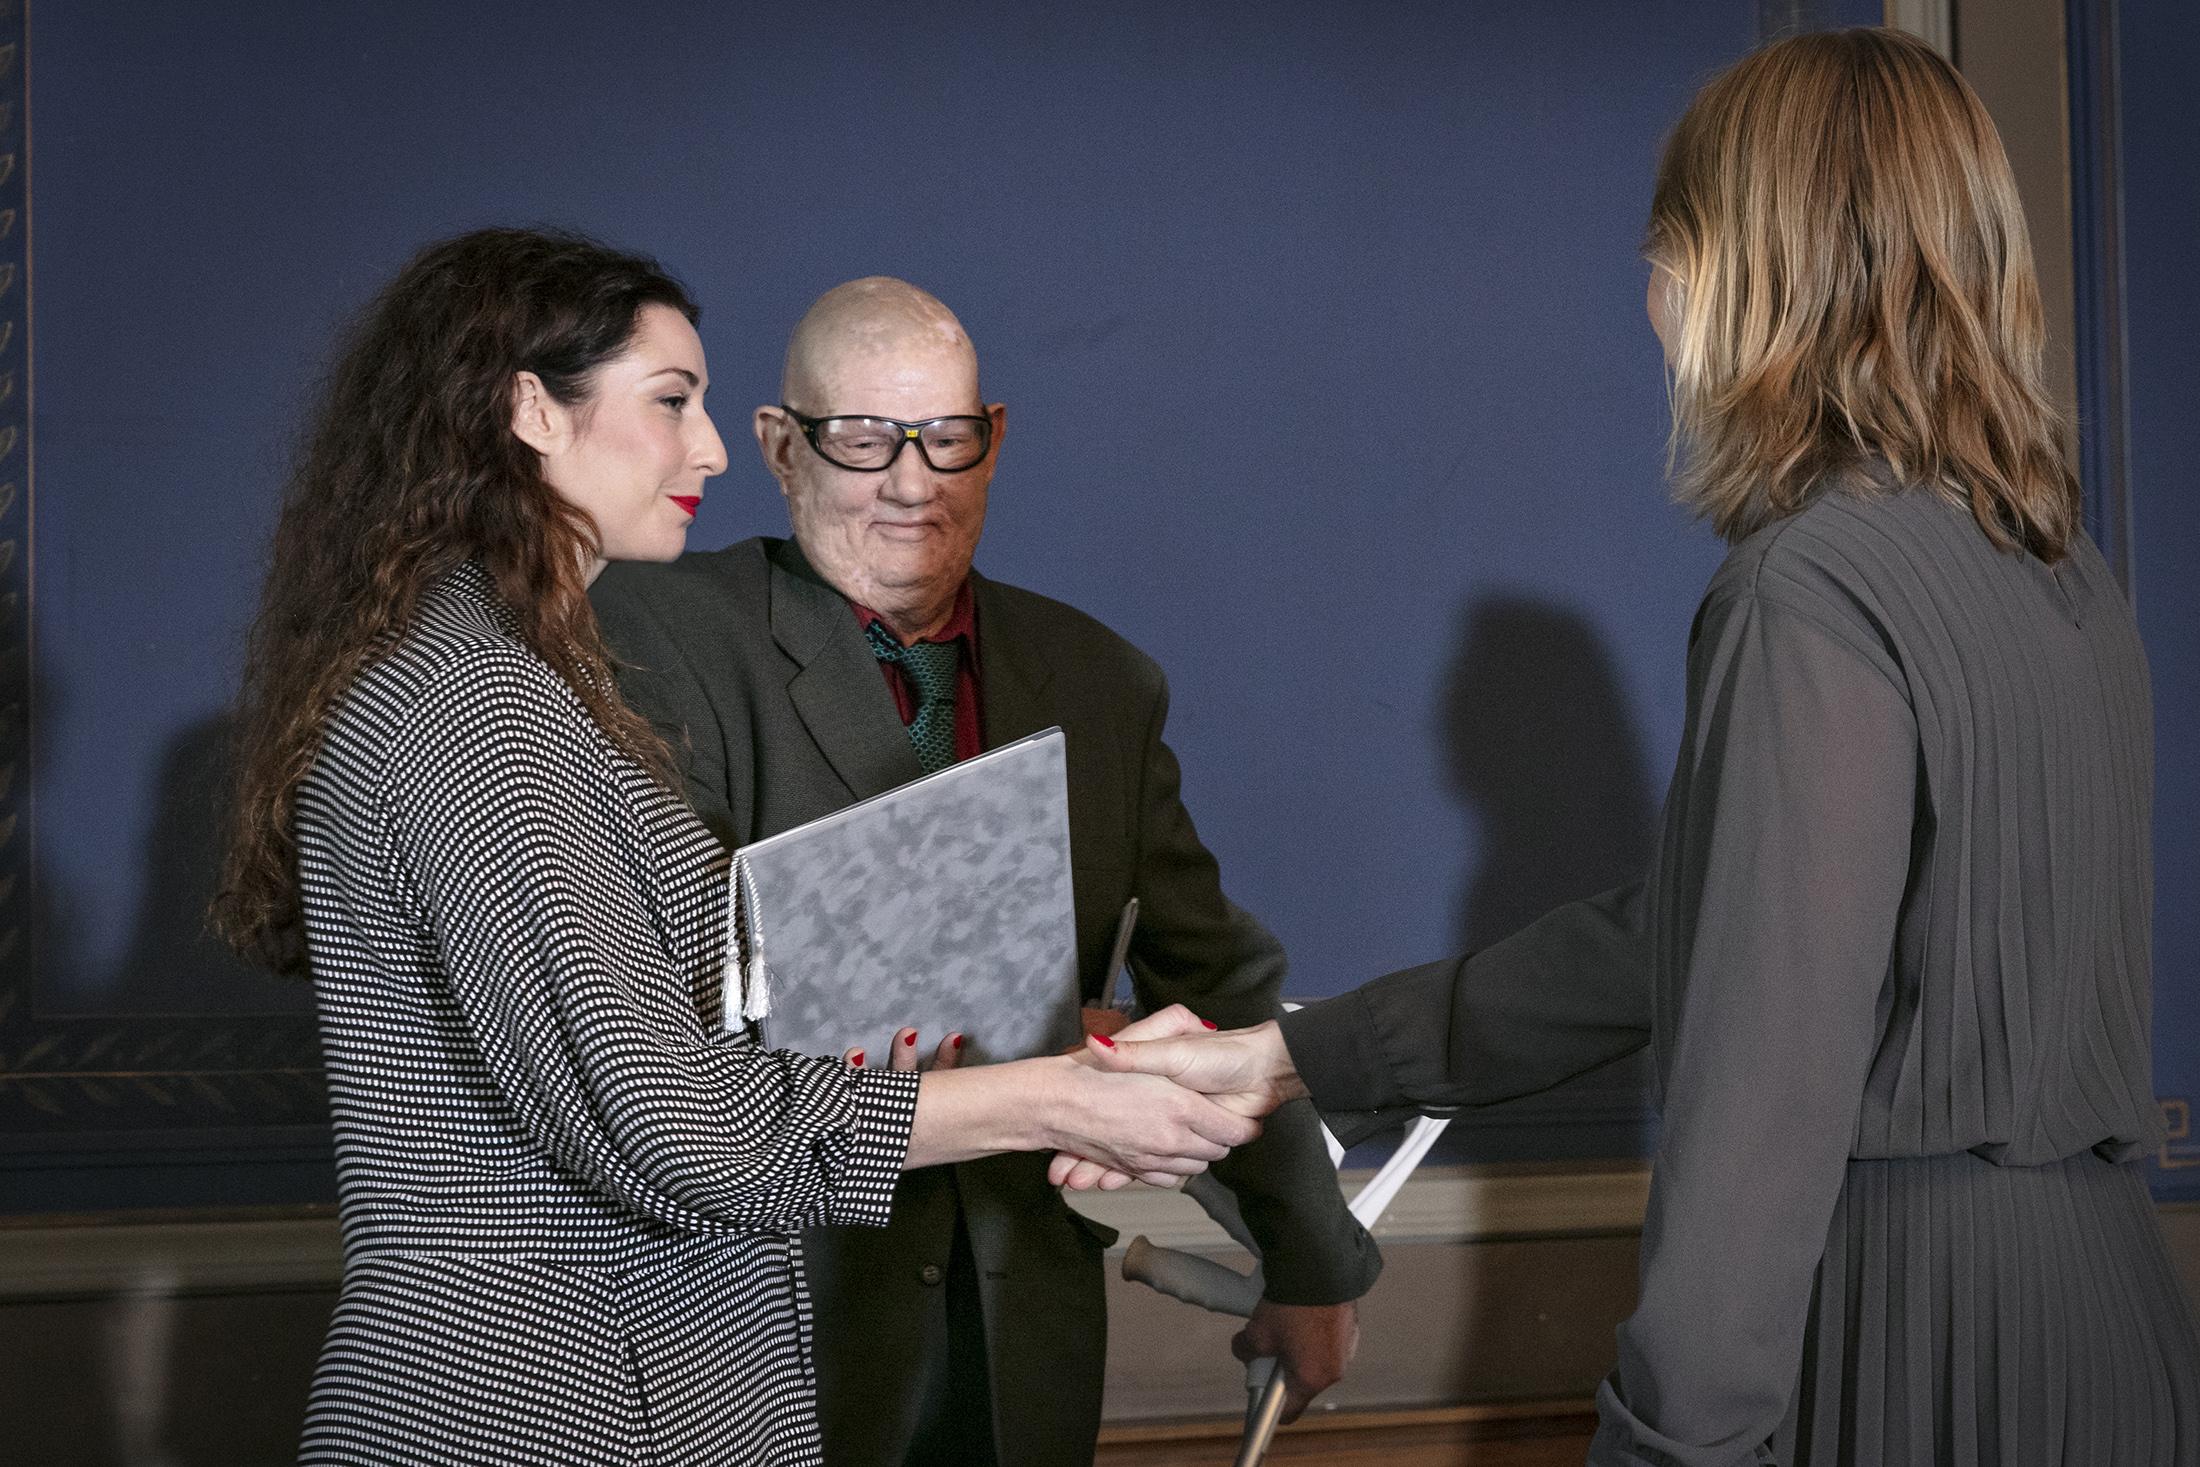 Heidi Piiroinen ja Kimmo Oksanen vastaanottavat palkinnon 1.10.2019 Säätytalolla